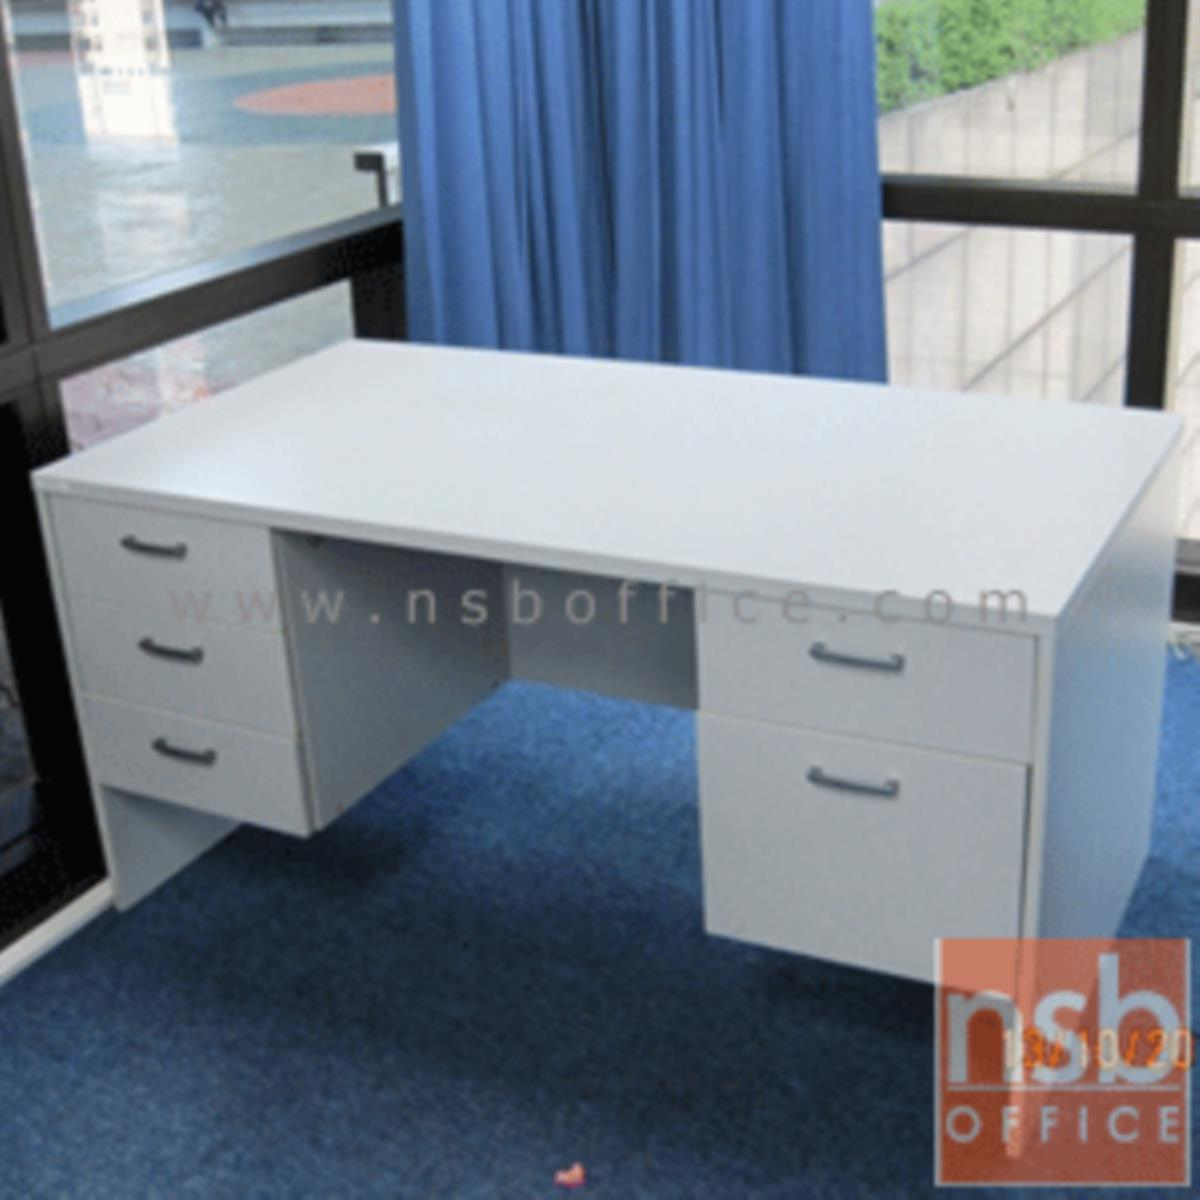 A12A004:โต๊ะทำงาน 5 ลิ้นชัก รุ่น Marx (มากซ์) ขนาด 150W ,160W ,165W ,180W cm.  พร้อมกุญแจล็อค เมลามีน